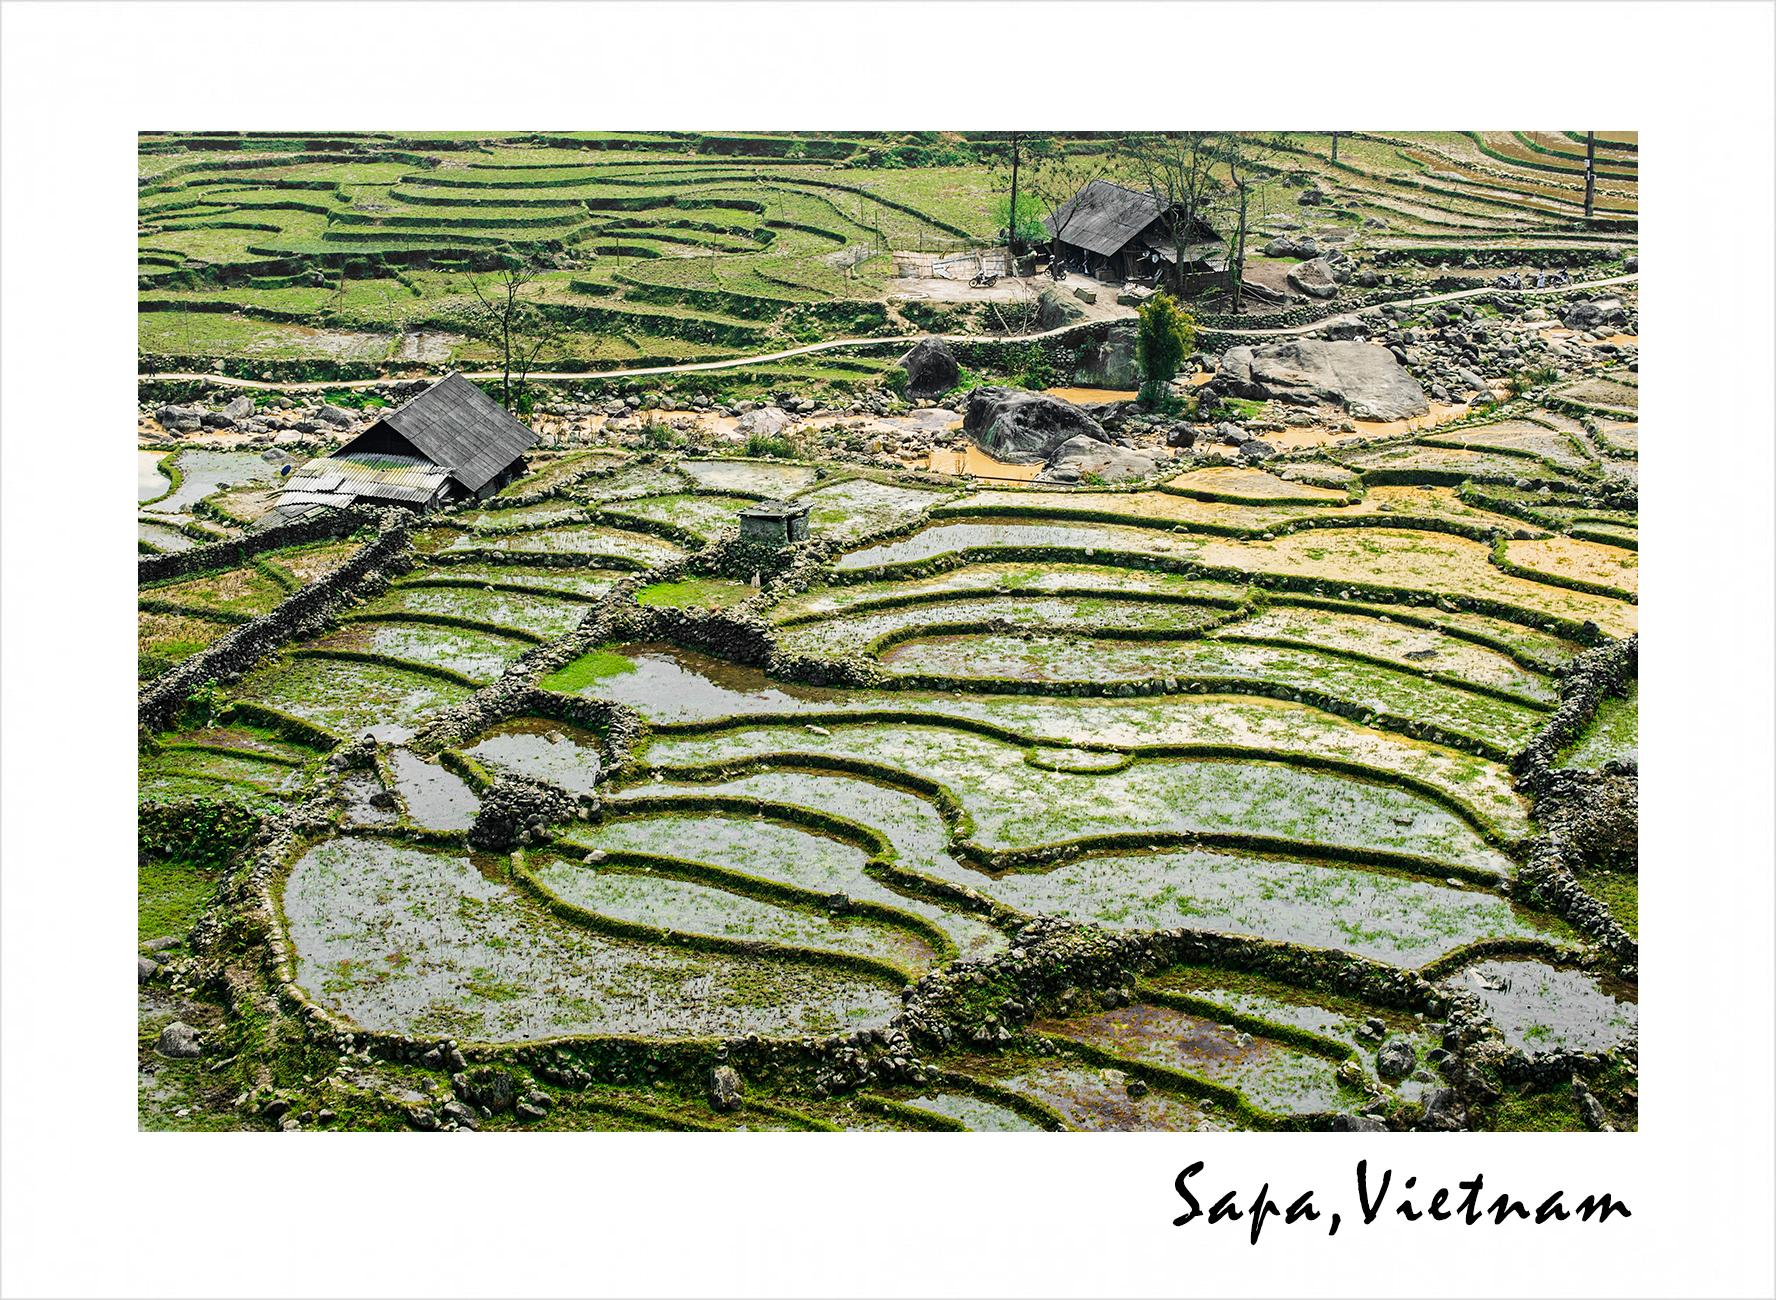 Sapa-Vietnam-Cynthia-Lo-1